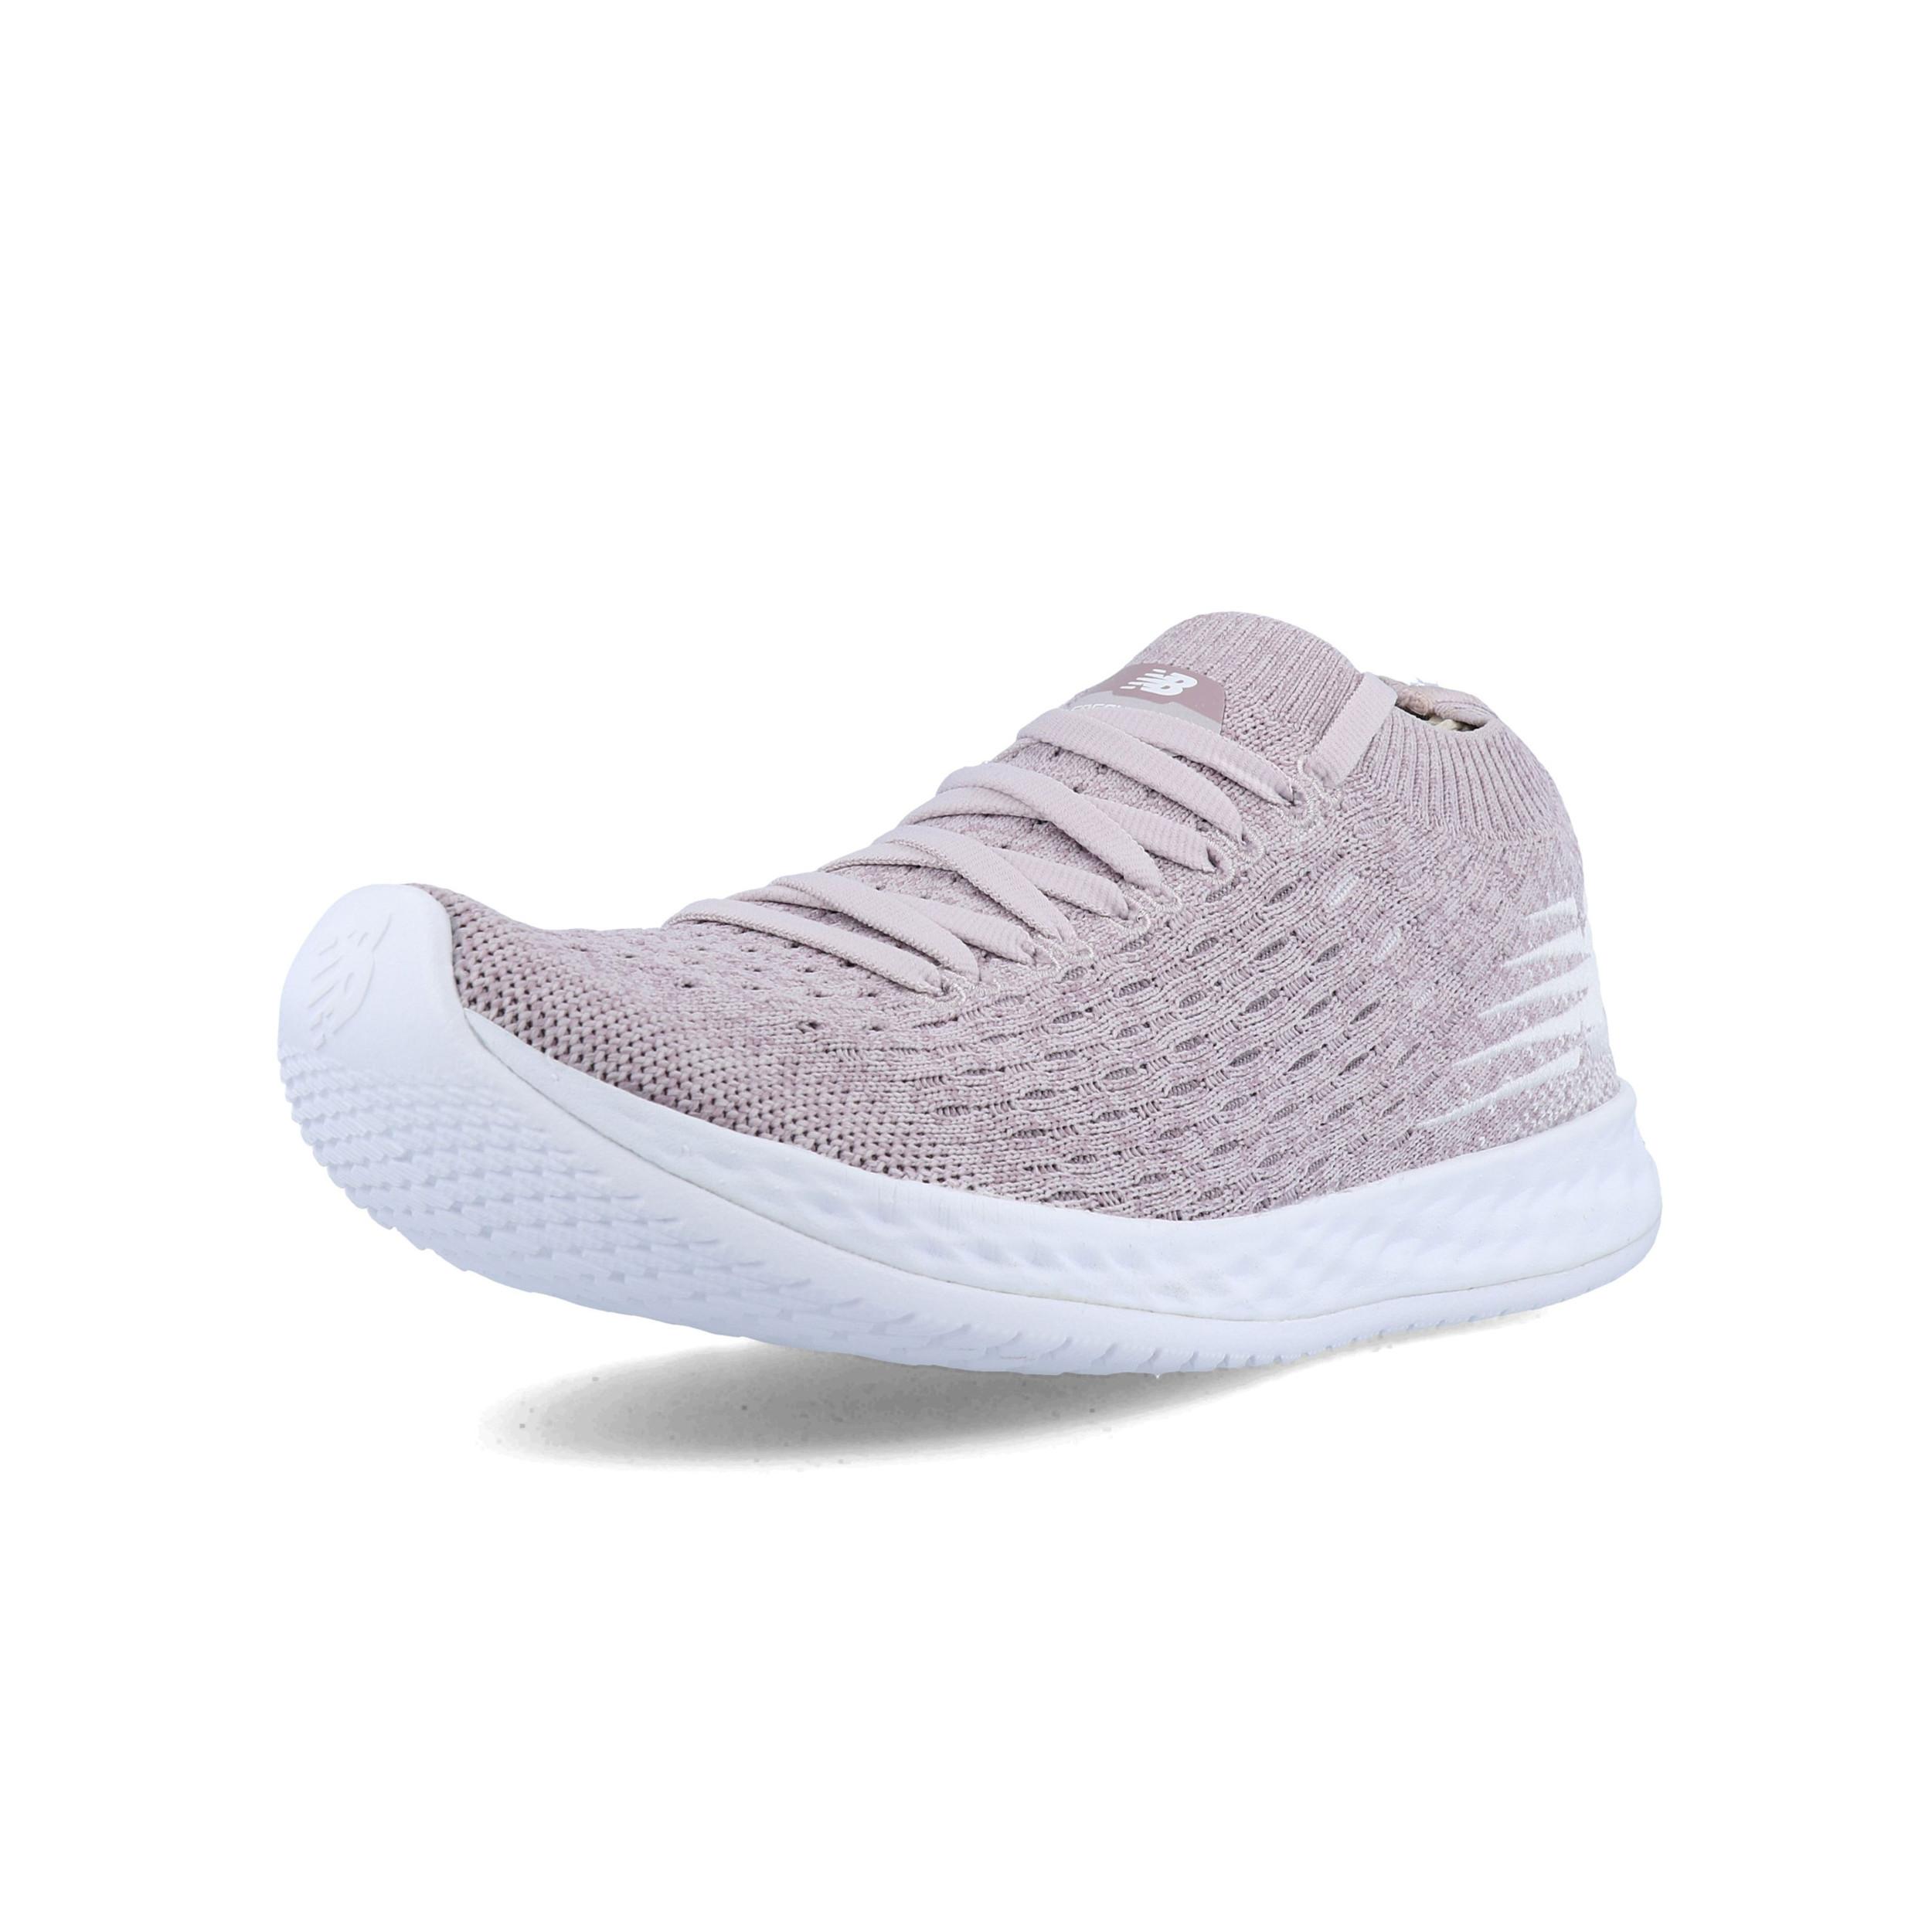 Détails sur New Balance Femme Fresh Mousse Zante Solas Chaussures Course À Pied Baskets Rose